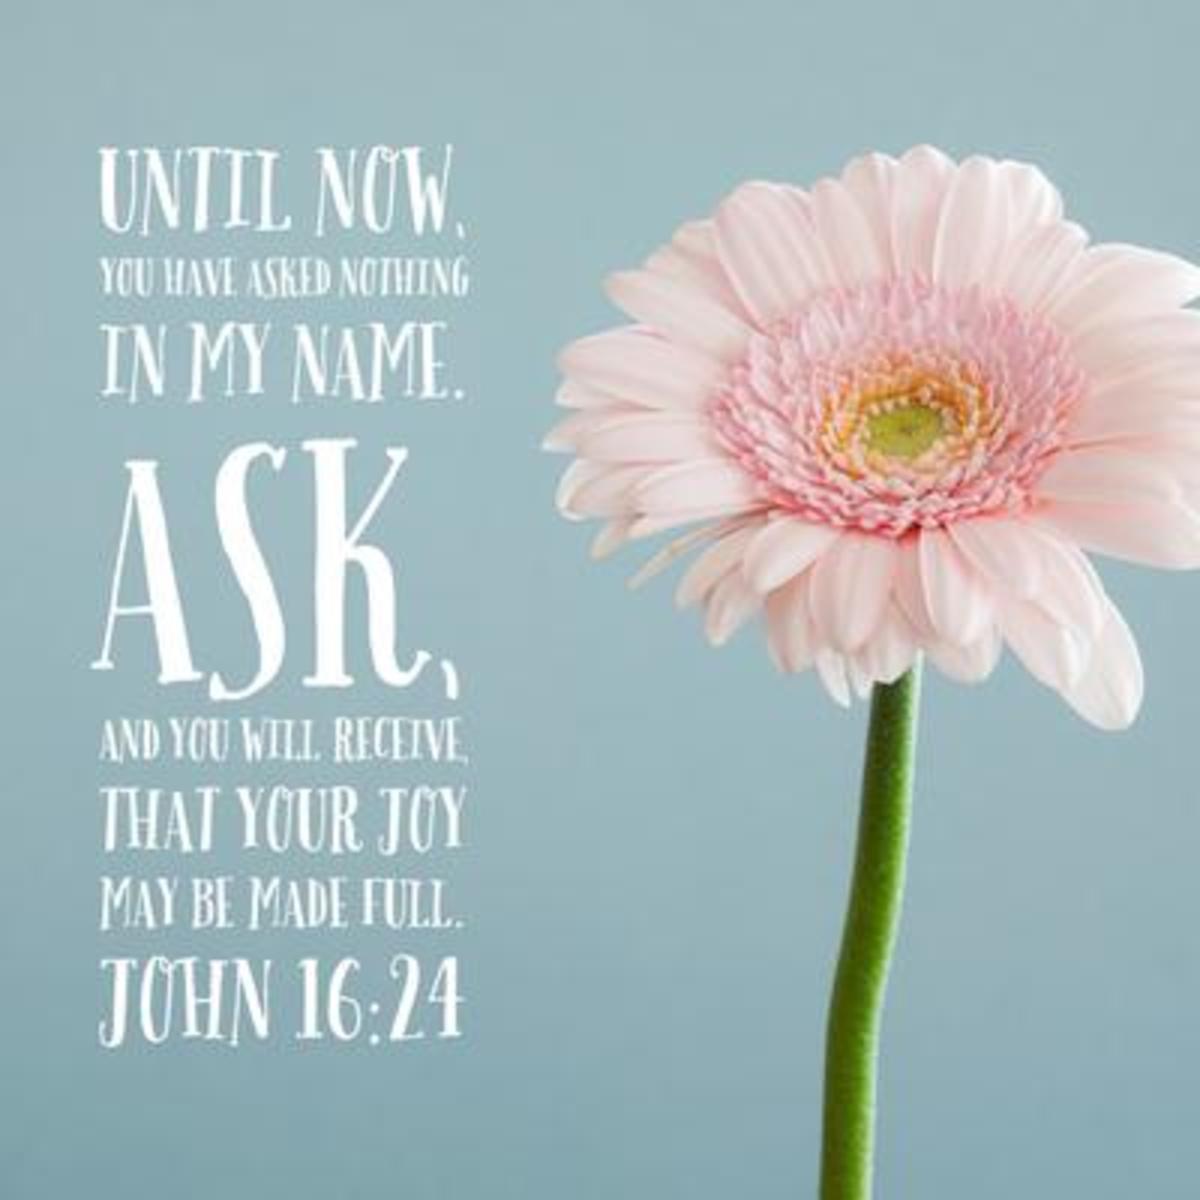 a-hymn-pray-always-pray-master-pleadeth